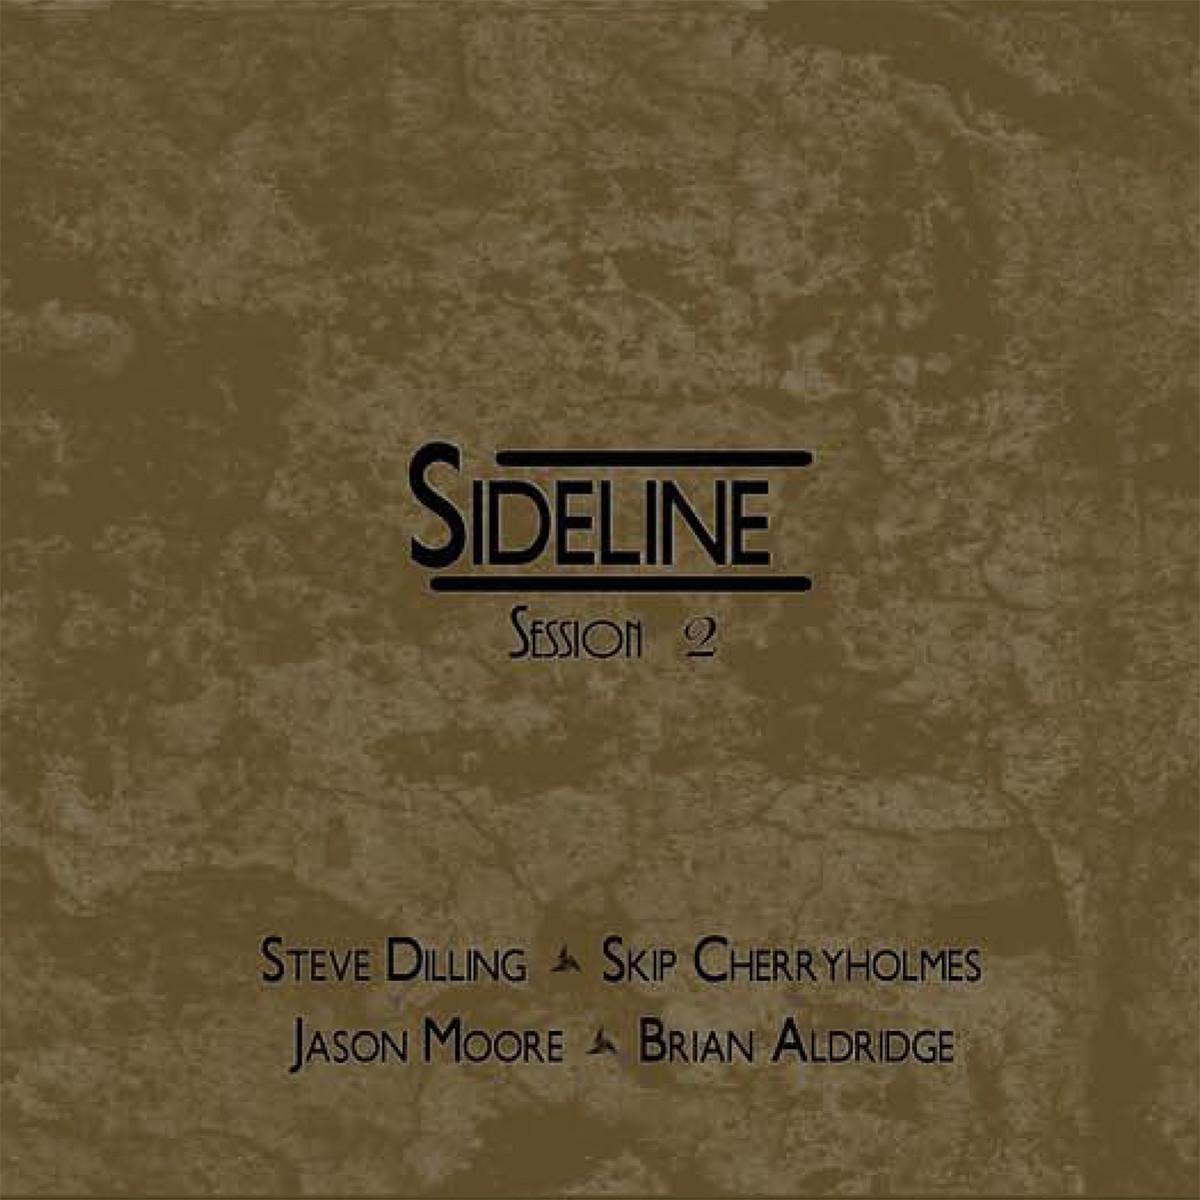 Sideline - Session 2